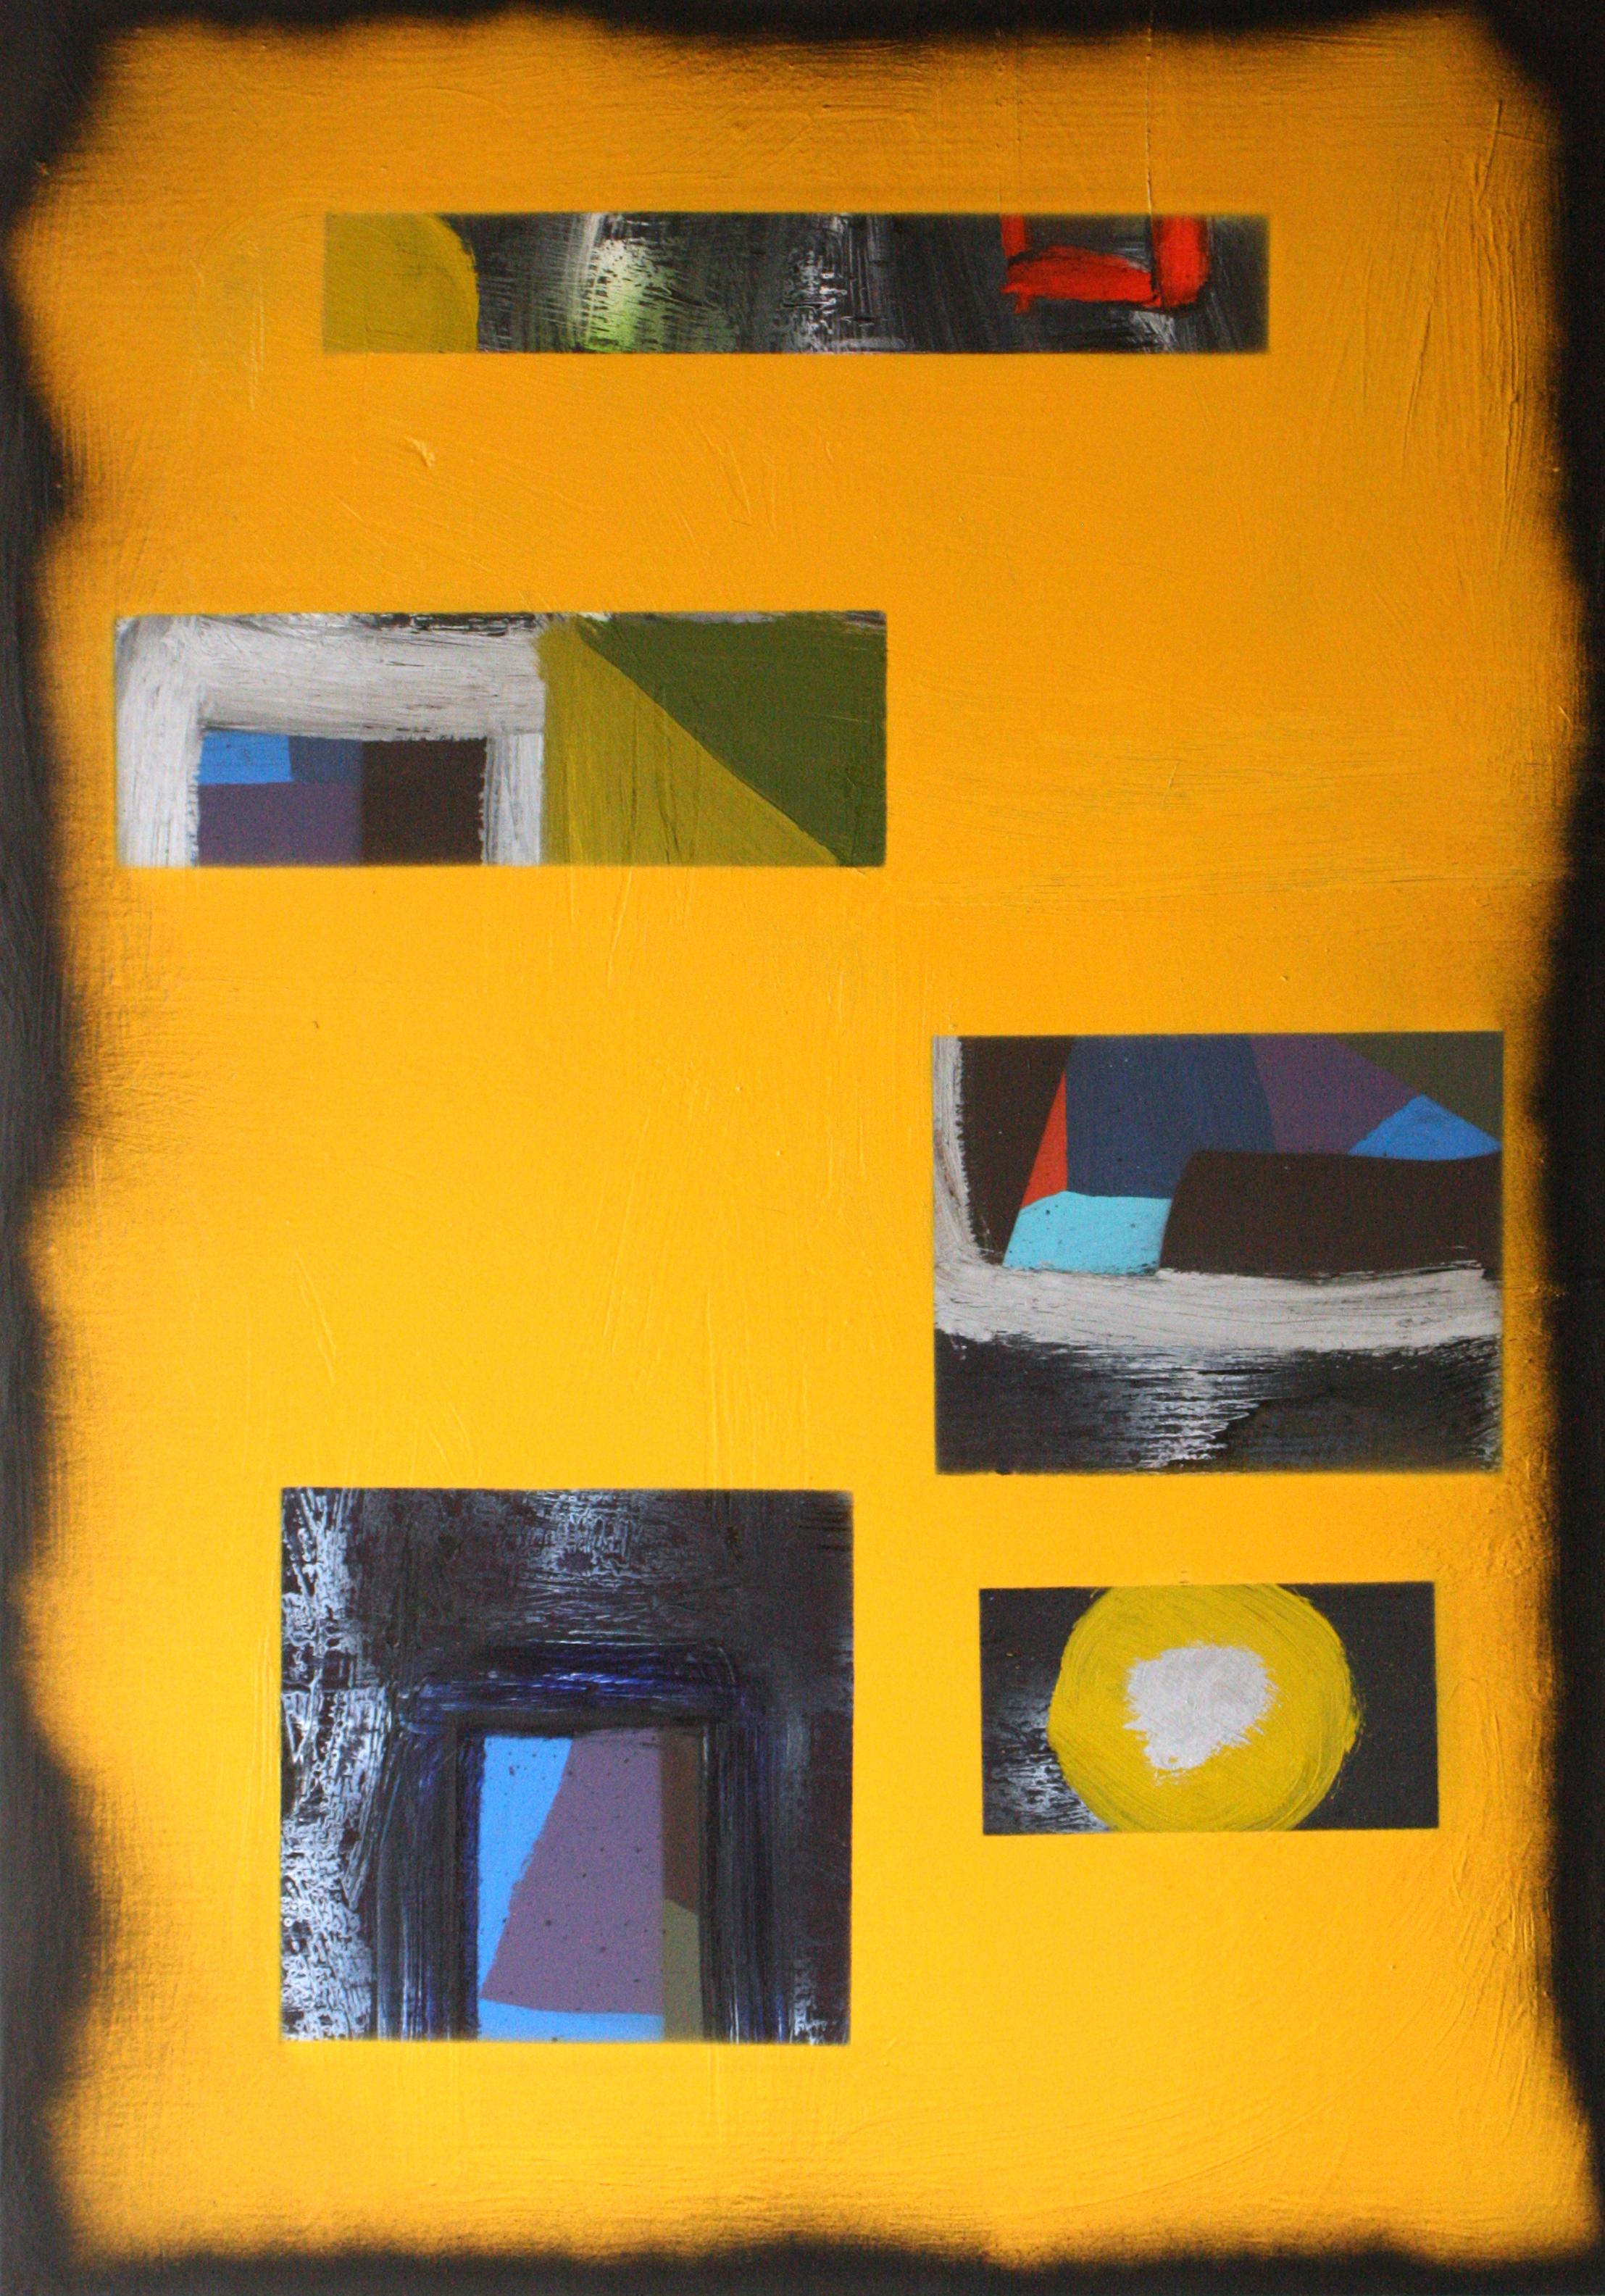 yellowdoors.jpg